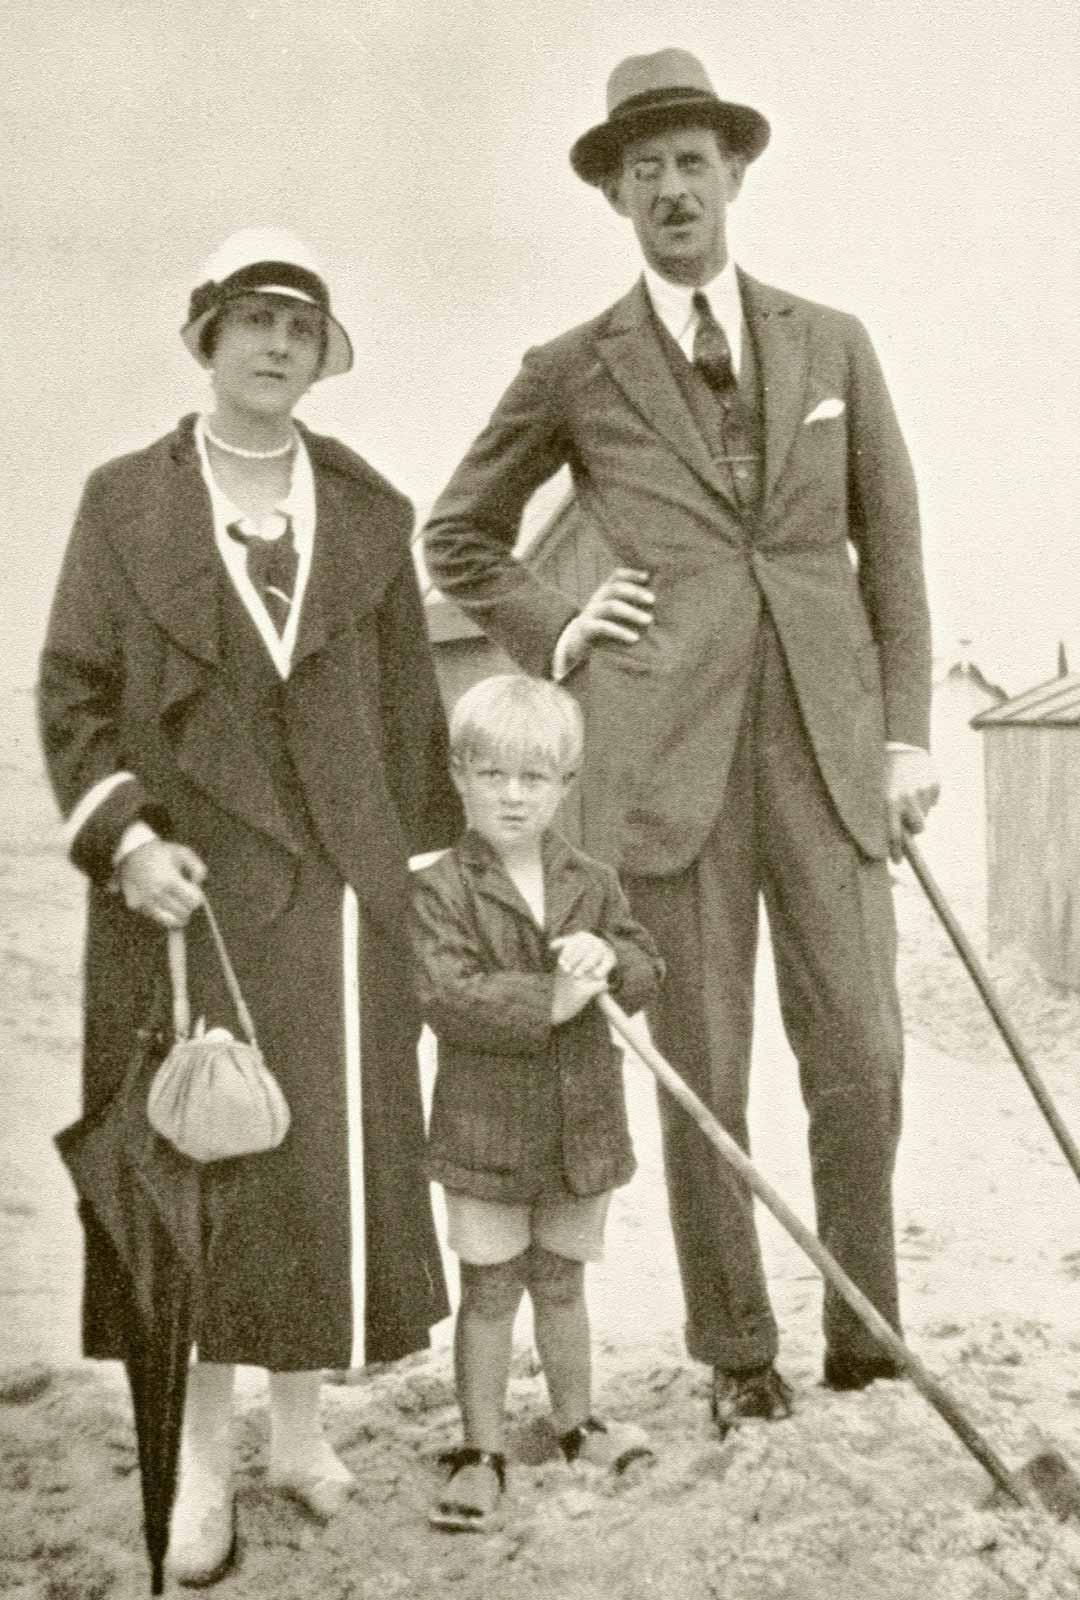 Prinssi Philip vanhempiensa, Kreikan prinssi Andreaksen ja syntyjään Battenbergin prinsessan Alicen kanssa noin vuonna 1925.